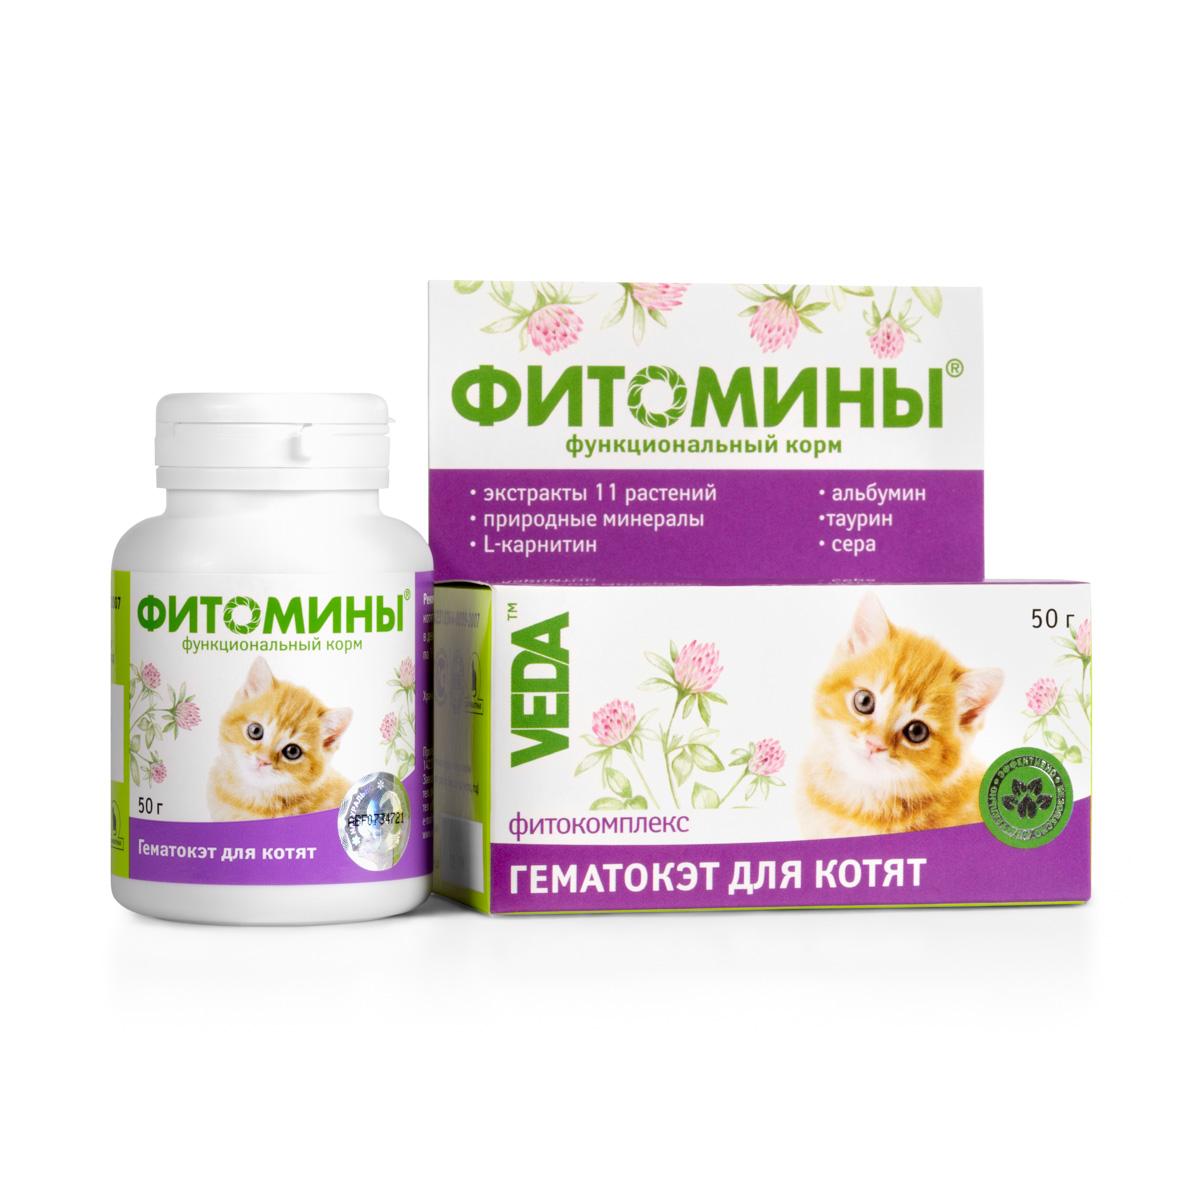 Корм для котят VEDA Фитомины. Гематокэт, функциональный, 50 г0120710Корм функциональный для котят VEDA Фитомины. Гематокэт стимулирует кроветворение и способствует улучшению показателей крови, повышает сопротивляемость организма.Рекомендуется включать в рацион:молодым животным для ускорения роста и общего укрепления организма, взрослым животным при отказе от пищи и потере мышечной массы, после травм и хирургических операций с большой кровопотерей, ослабленным и больным животным в период вызоровления.Состав: лактоза; крахмал; дрожжи пивные; фитокомплекс: травы эхинацеи пурпурной, травы подмаренника, цветков лабазника вязолистного, травы зверобоя, почек березовых, почек сосны, цветов клевера, цветов кипрея, плодов шиповника, травы тысячелистника, корней и корневищ солодки; природный минеральный комплекс; паровая рыбная мука; гидролизат крови (альбумин); стеарат кальция; L-карнитин; таурин; сера.Товар сертифицирован.